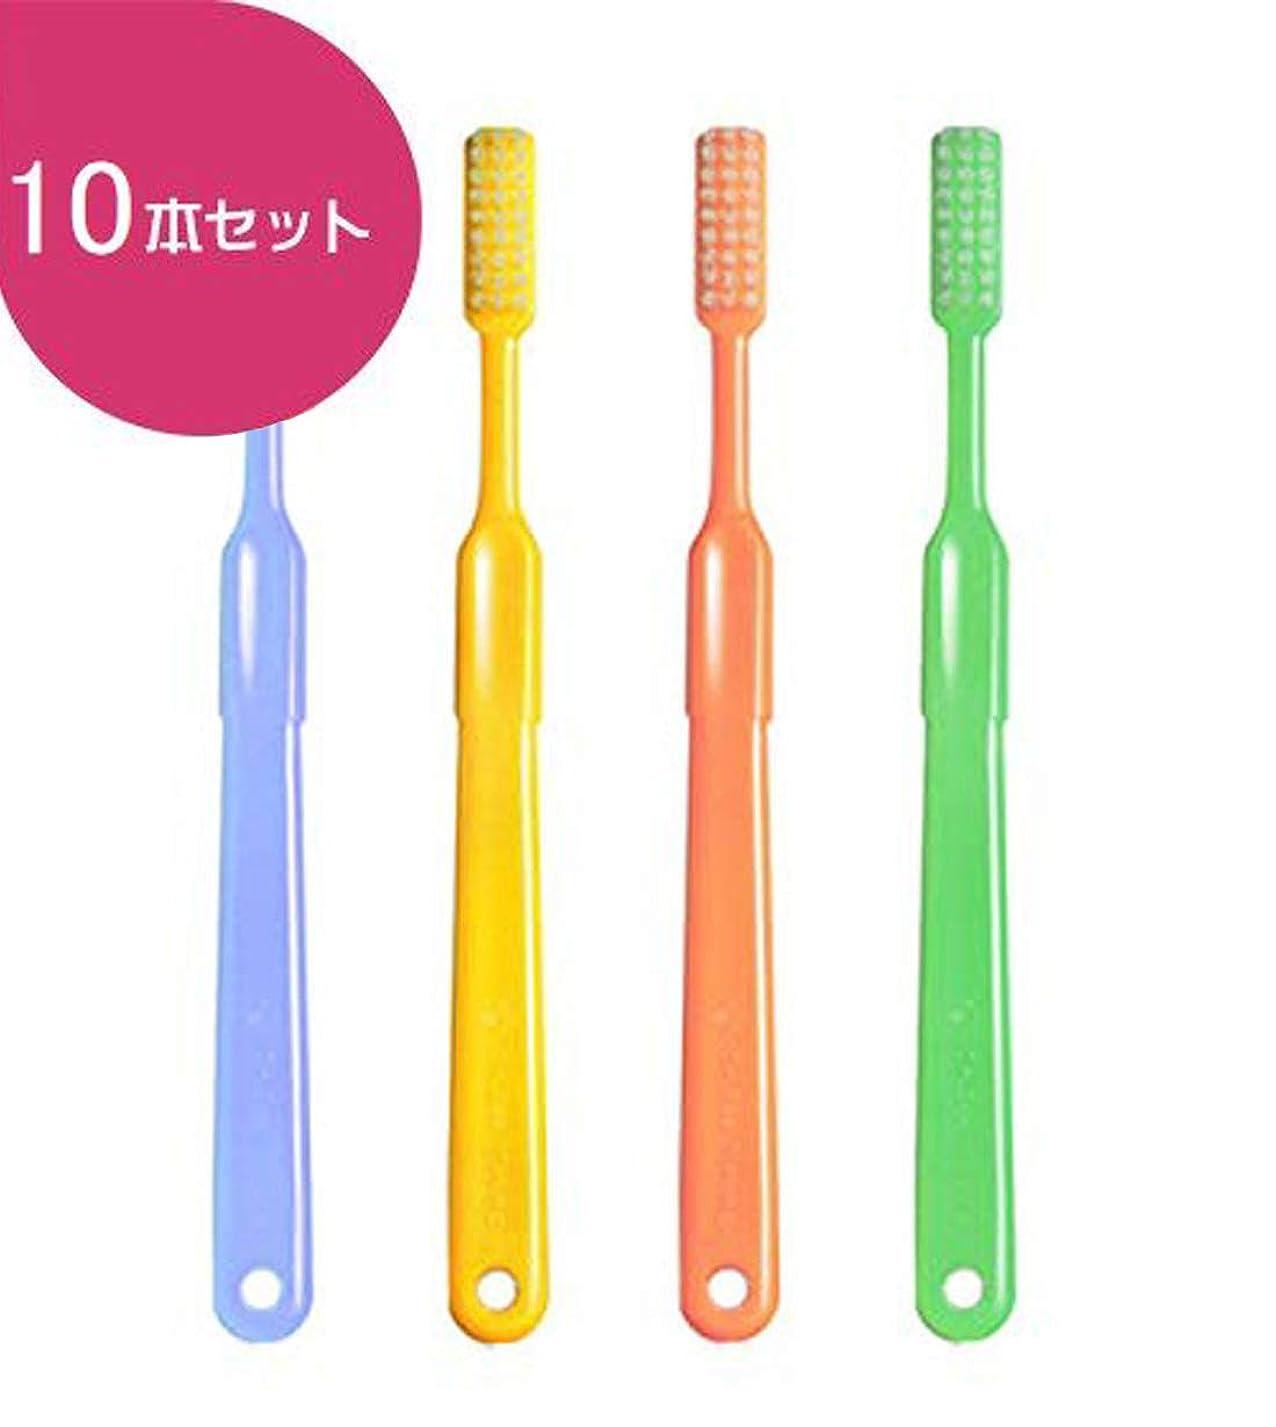 販売員倉庫成分ビーブランド ドクター ビーヤング 歯ブラシ 10本 (ヤングハード)